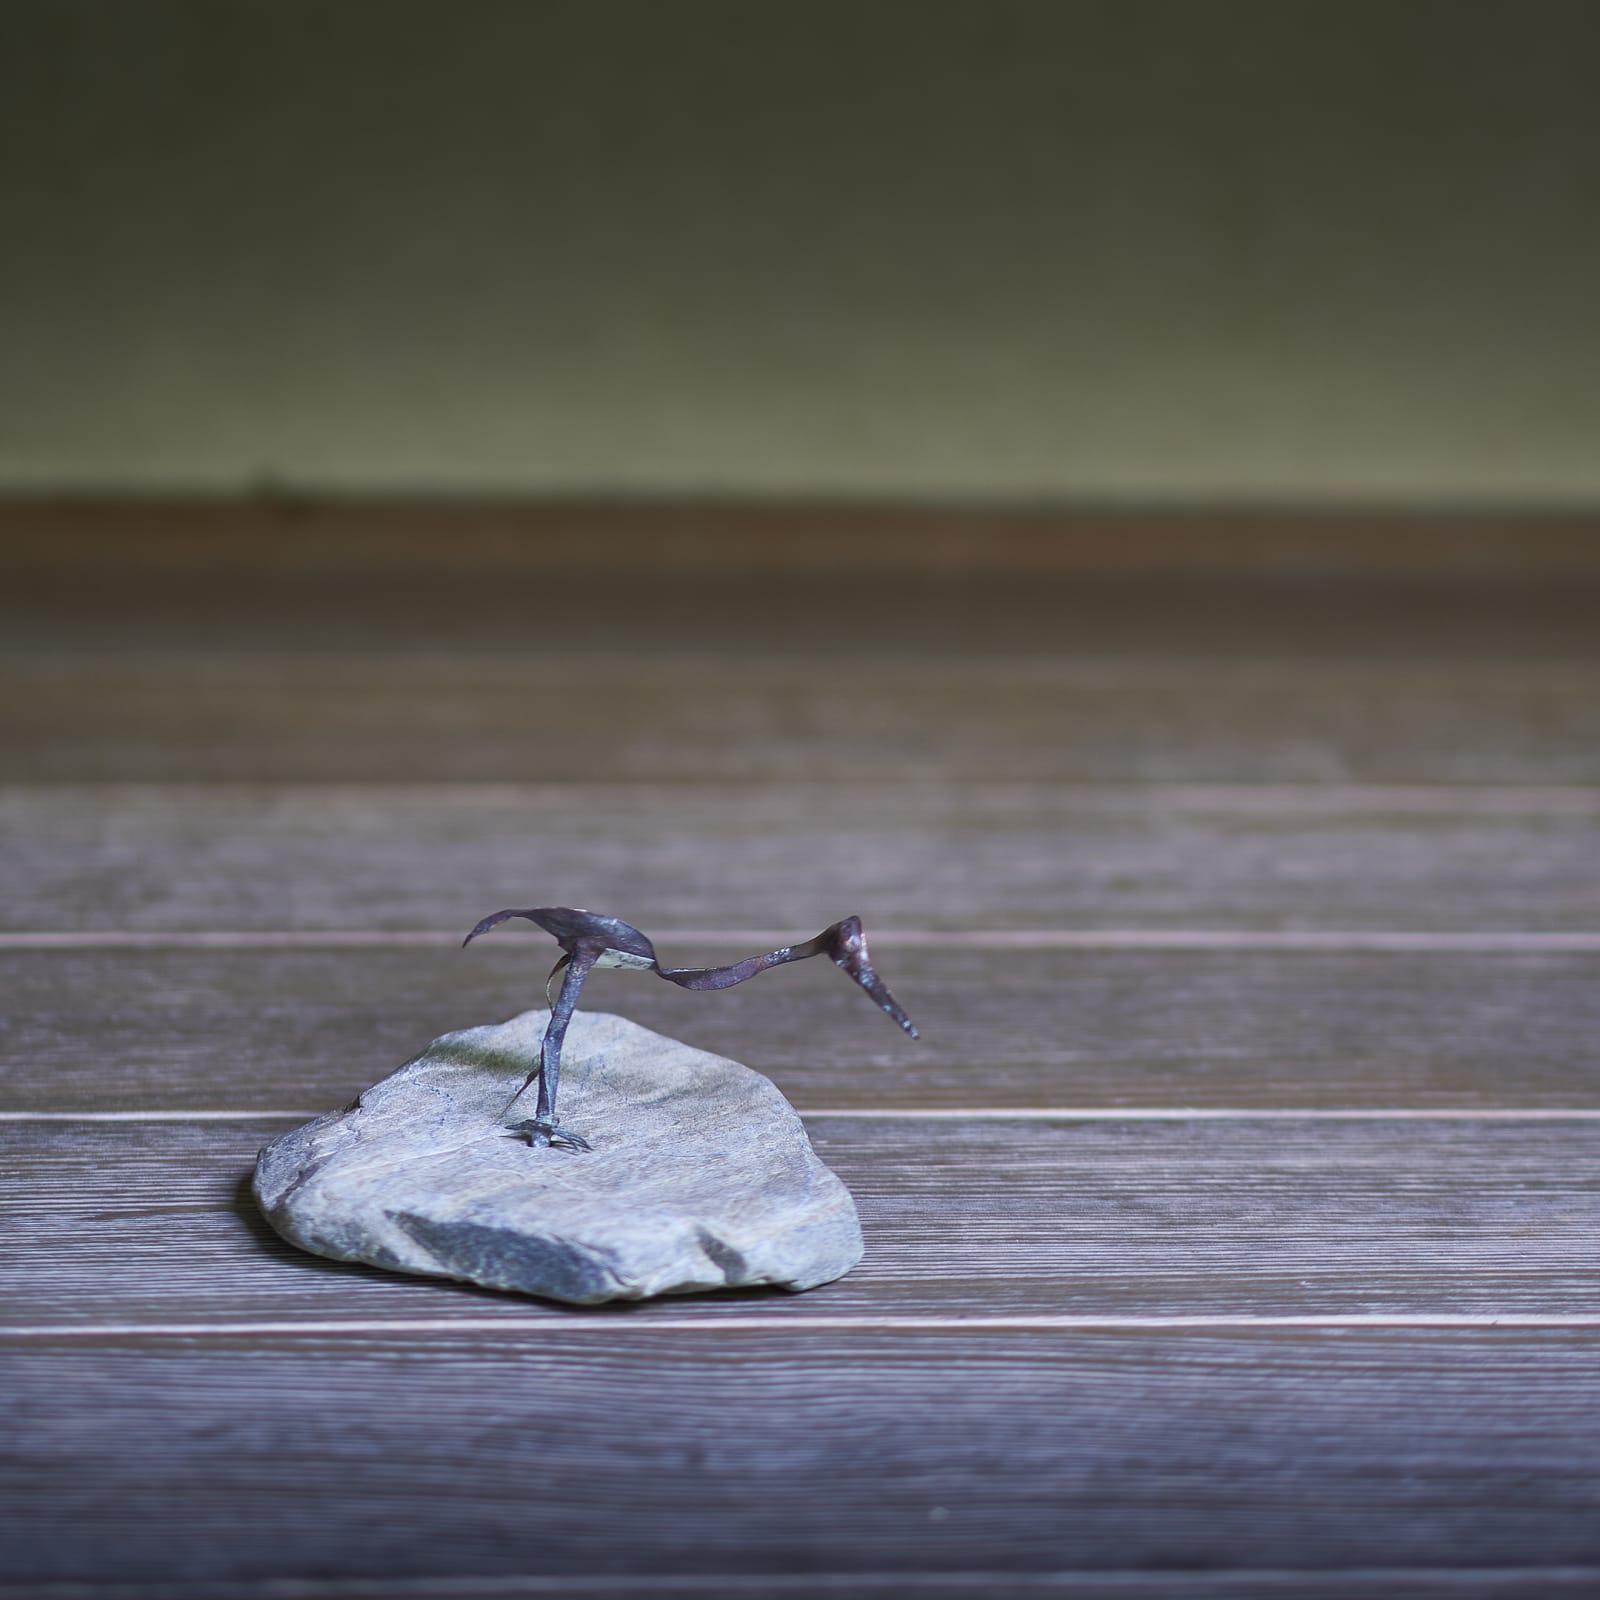 Sho Kishino, Heron, 2020